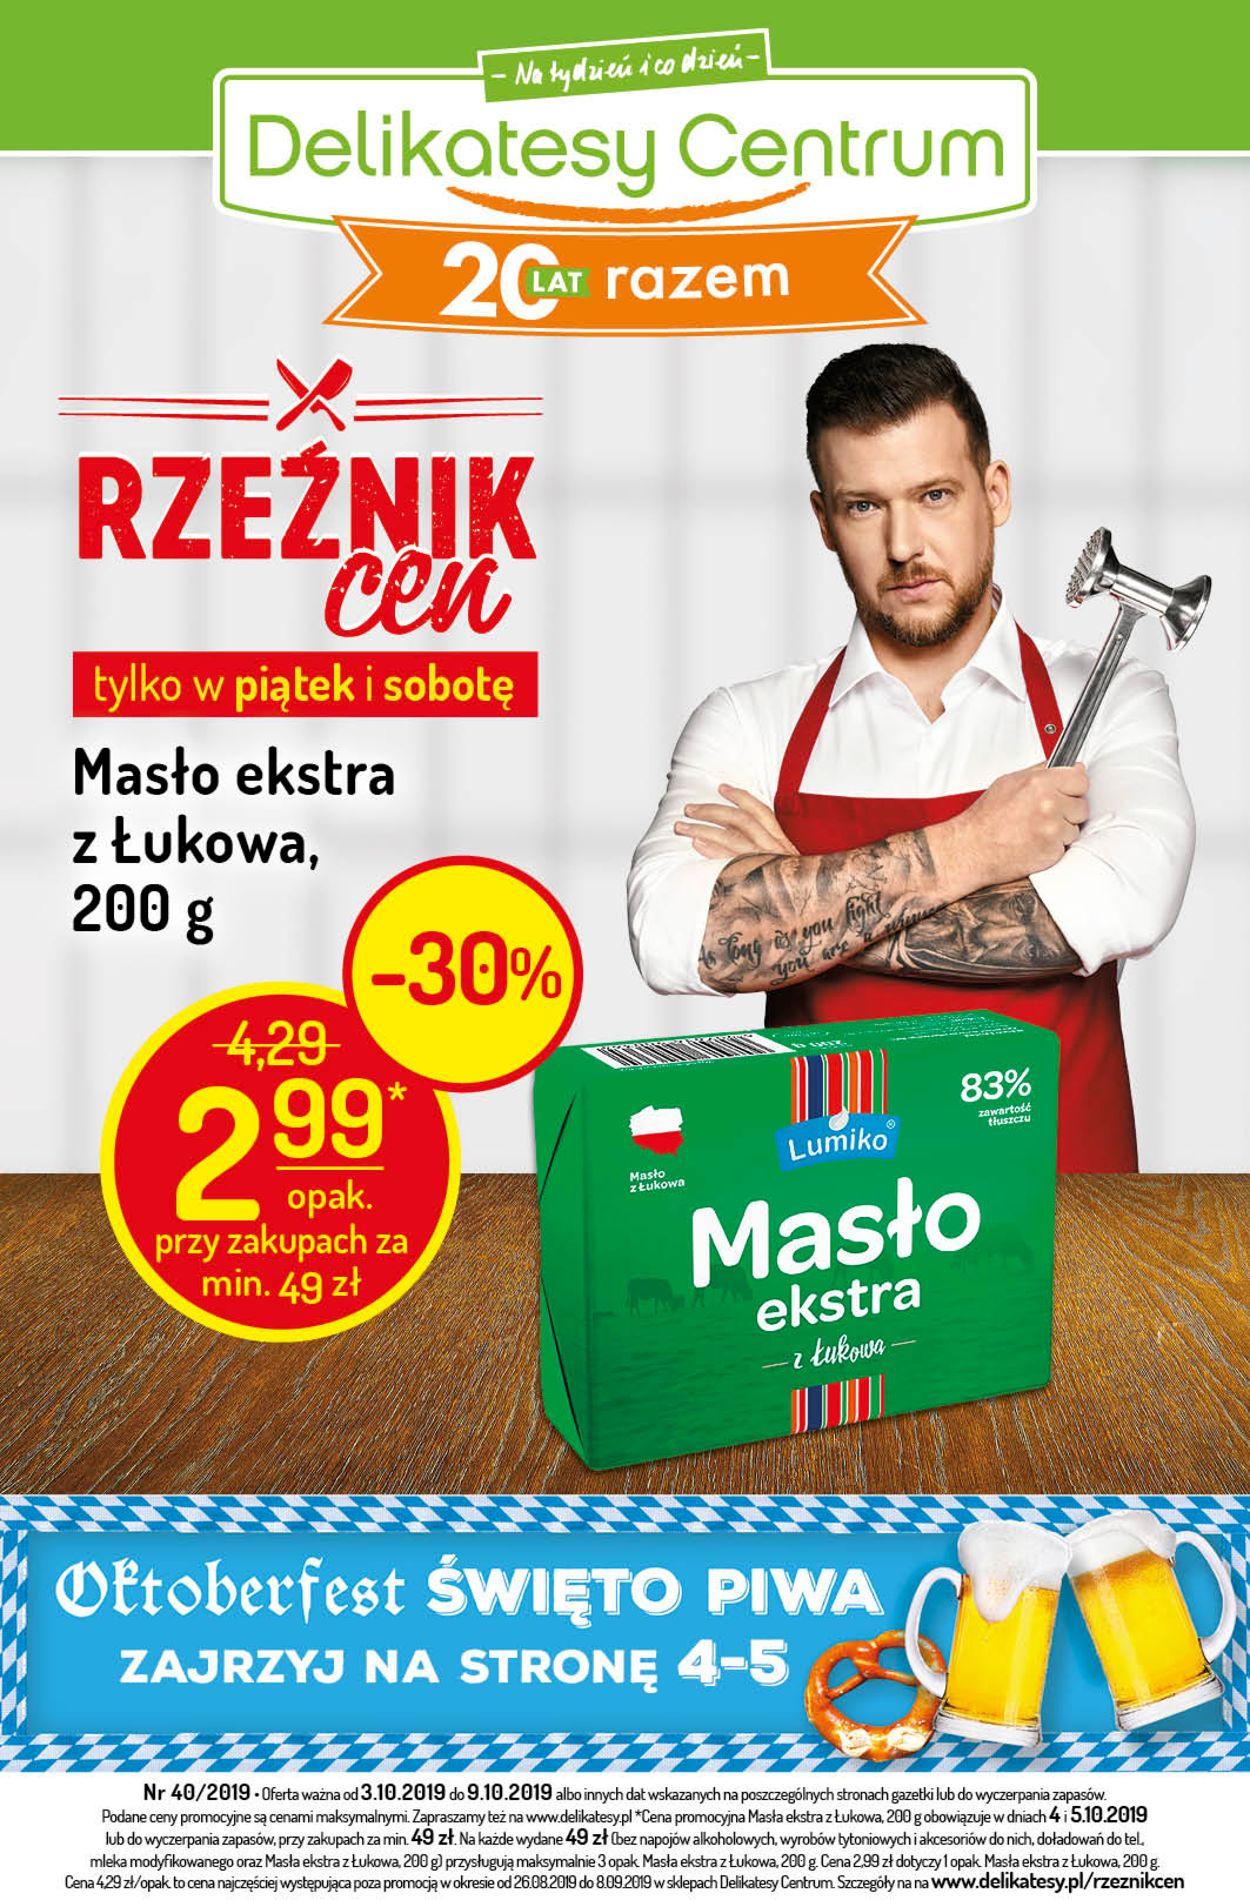 Gazetka promocyjna Delikatesy Centrum - 03.10-09.10.2019